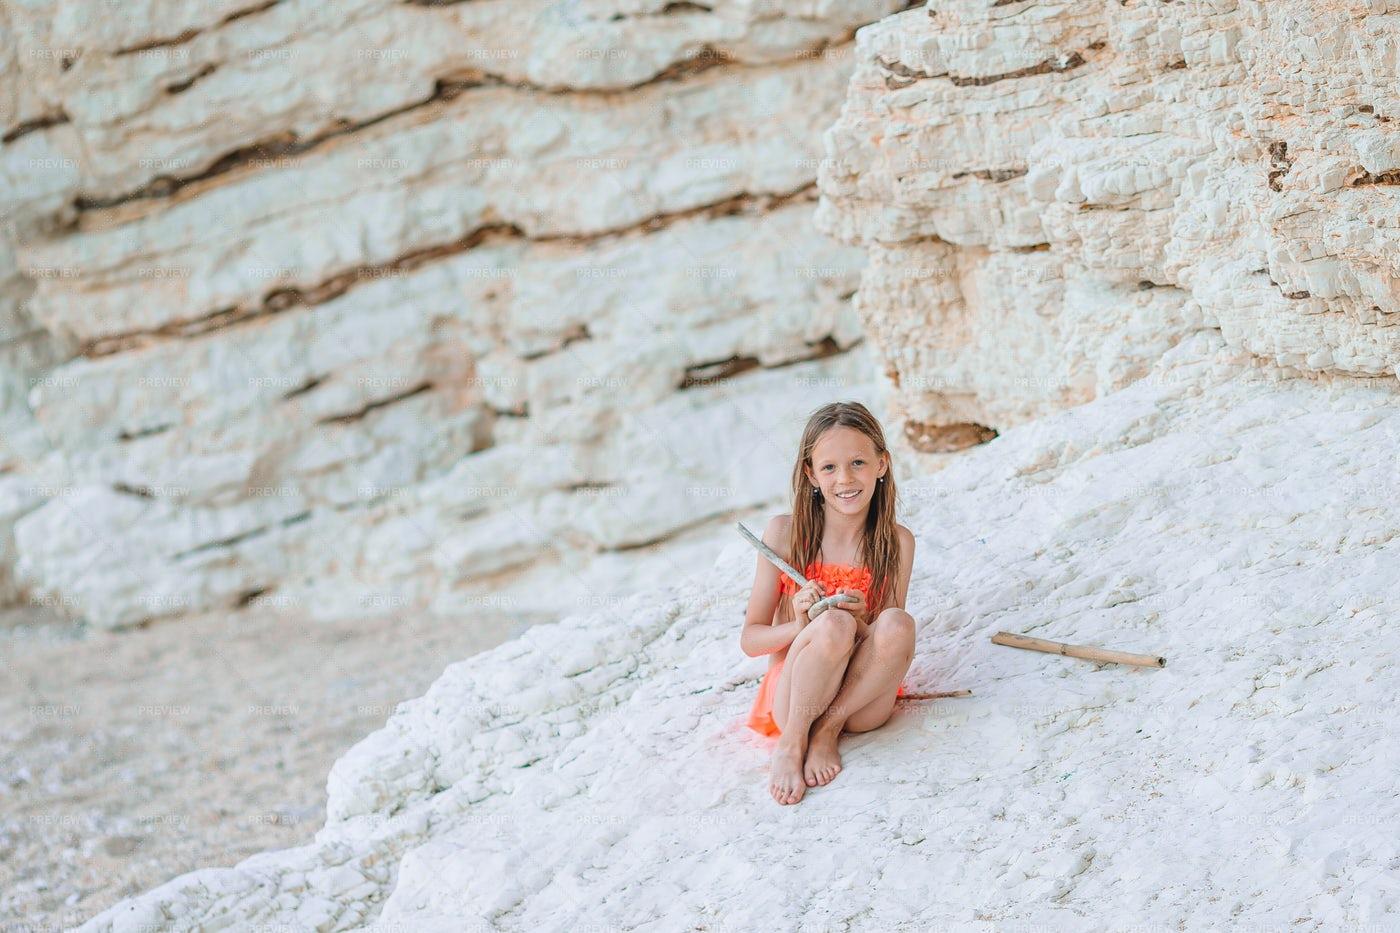 Sat Beside Beach Cliffs: Stock Photos